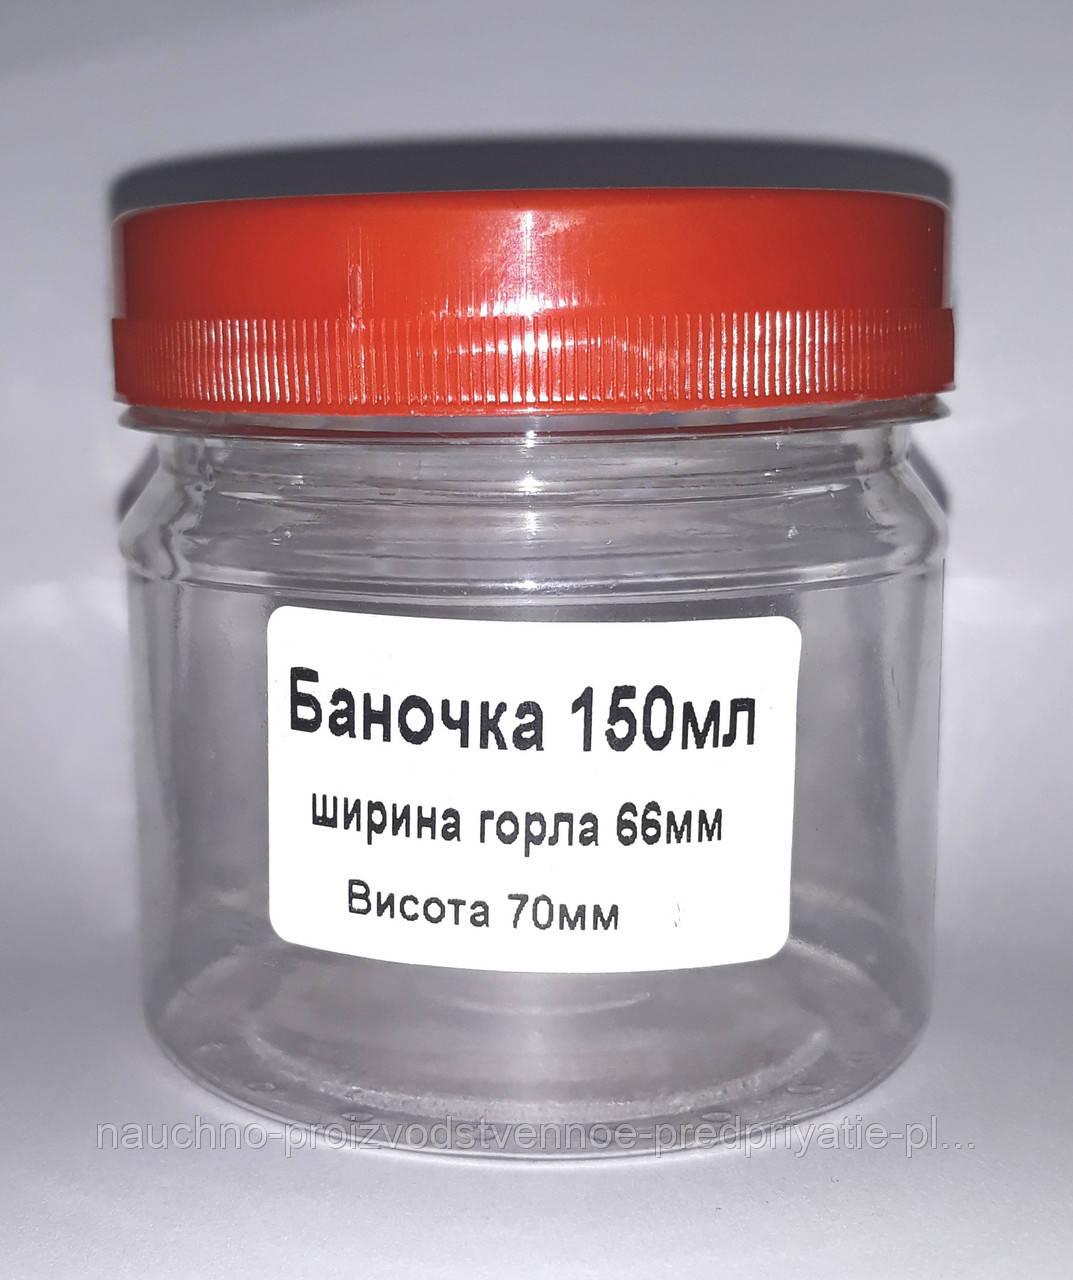 Банка ПЭТ (пластиковая) 150 мл.для косметики